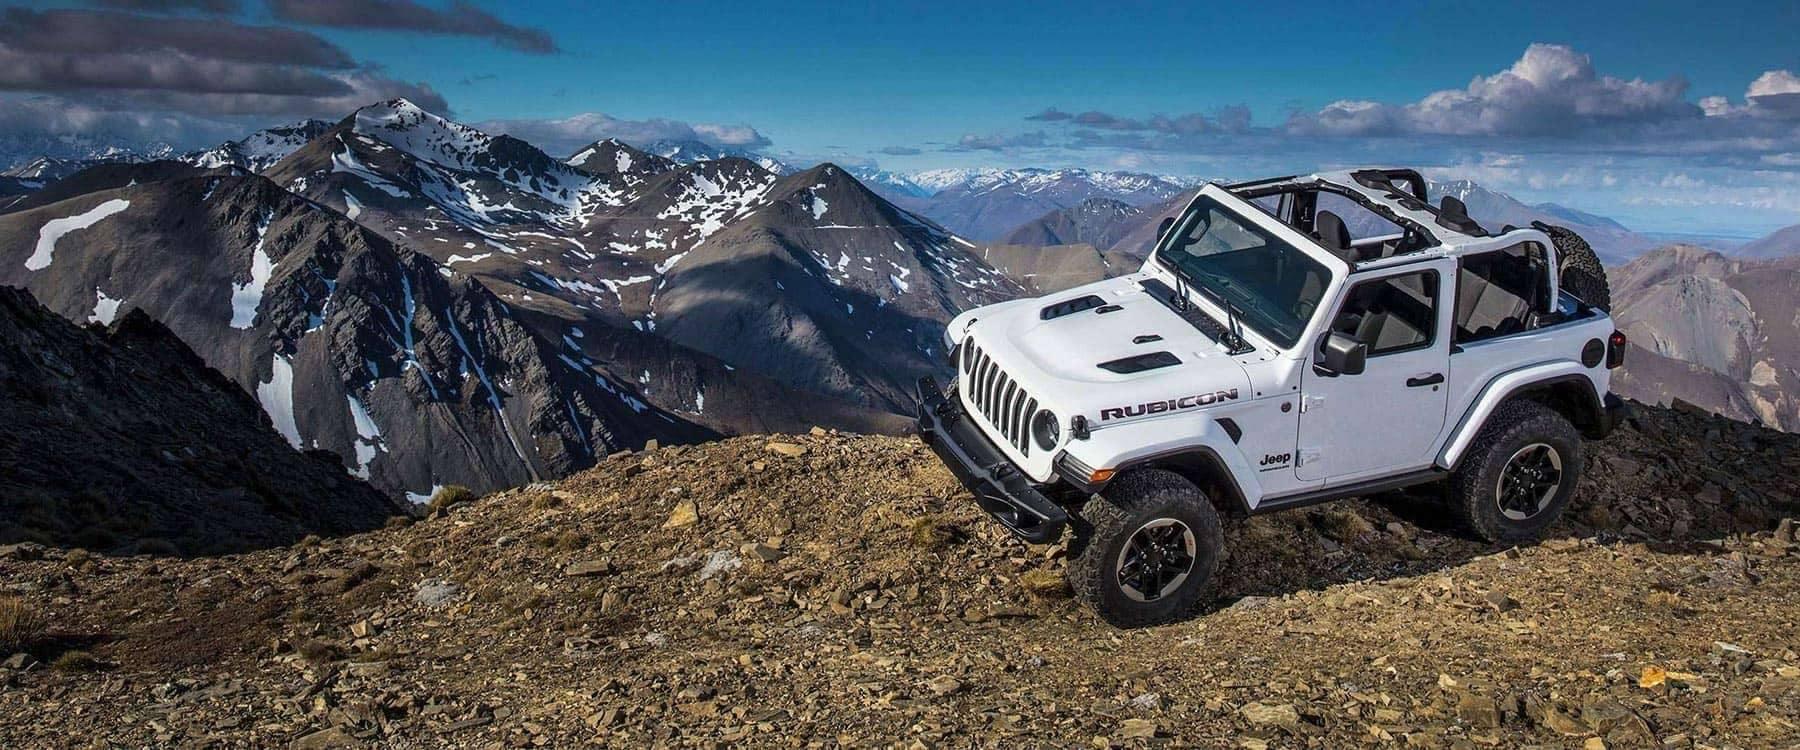 2018 Jeep Wrangler Rubicon White Mountain